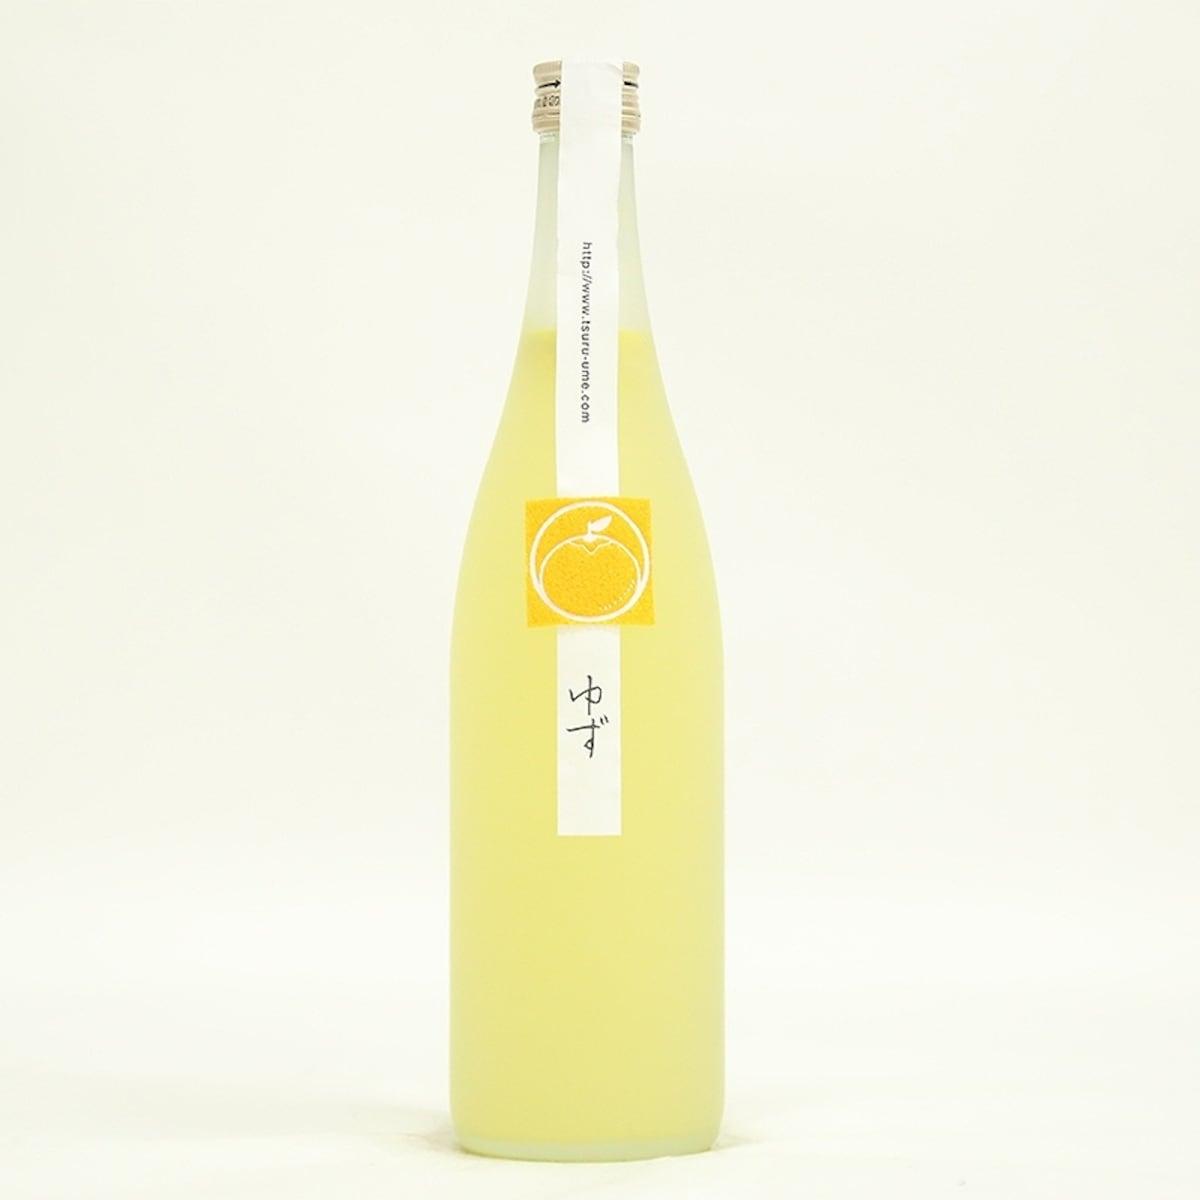 7. Tsuru-ume Yuzu Liquor ของ Heiwa Shuzo